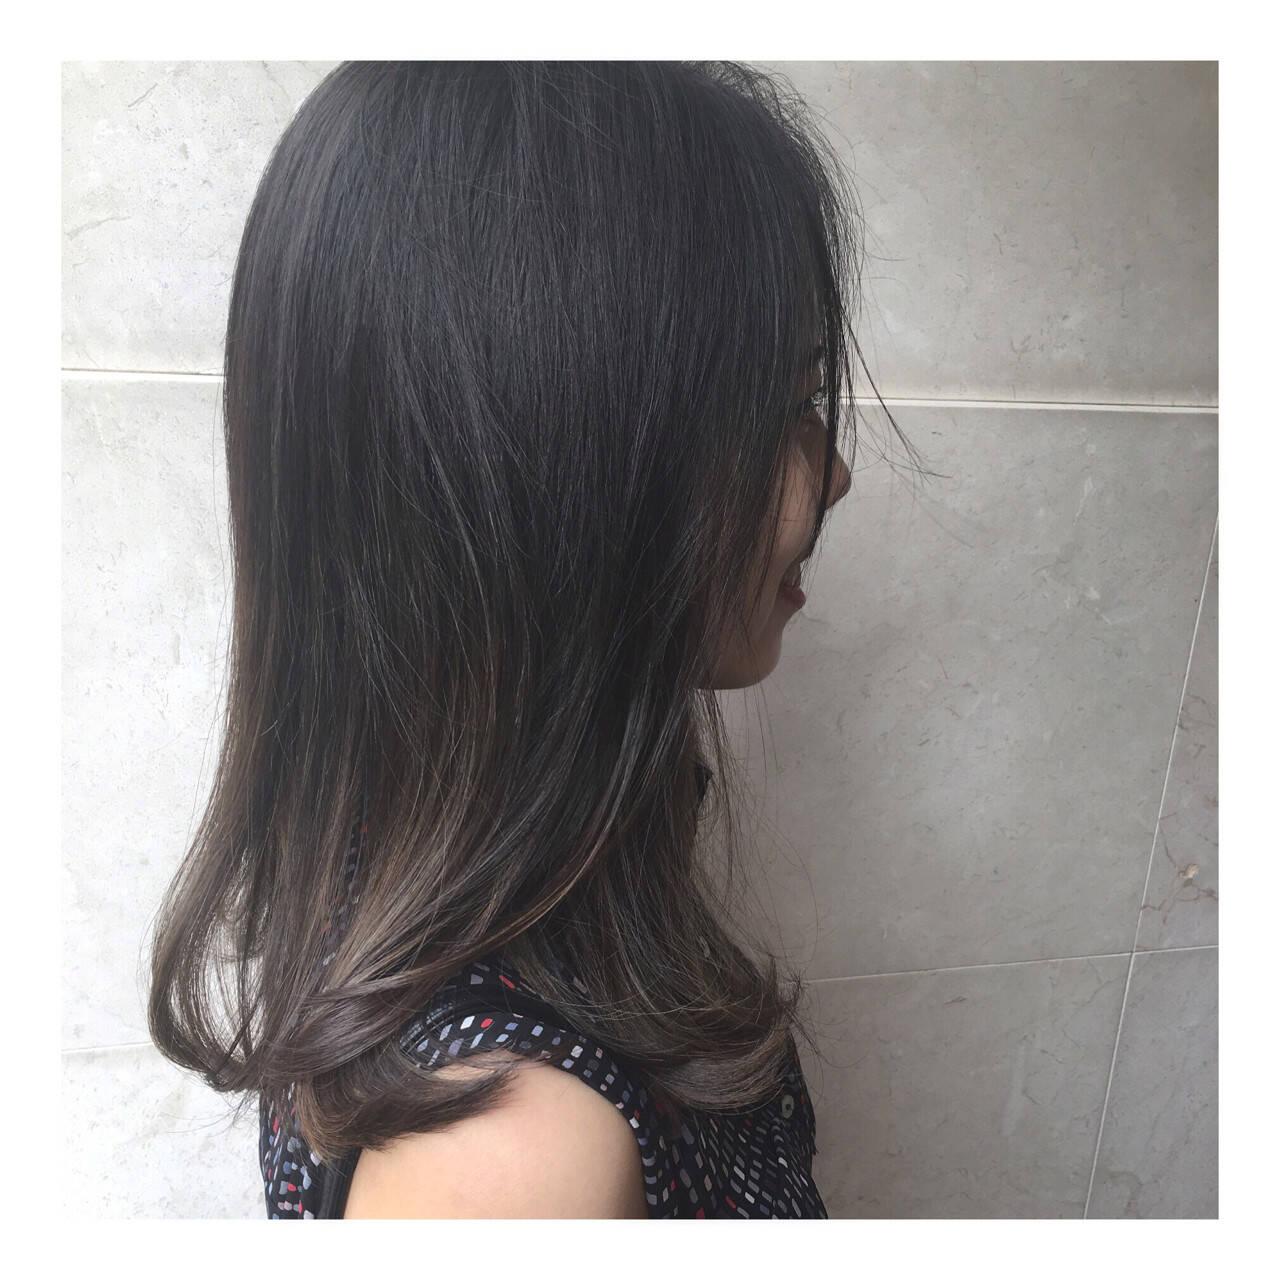 ナチュラル ハイライト セミロング 外国人風カラーヘアスタイルや髪型の写真・画像